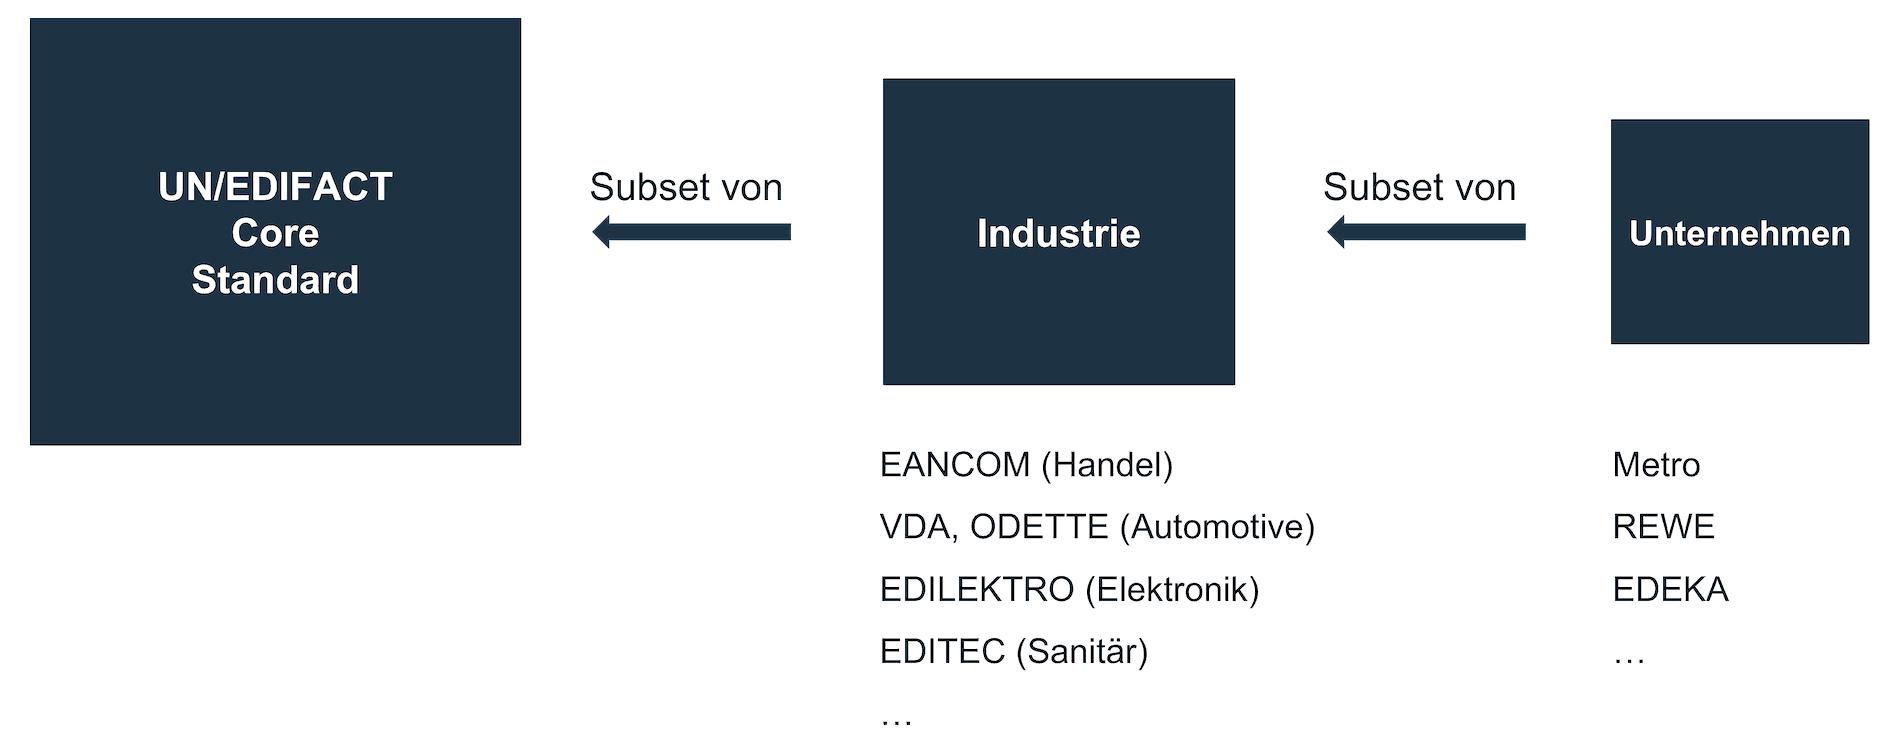 Verschiedene Industrien und Unternehmen erstellen Subsets des UN/EDIFACT Standards